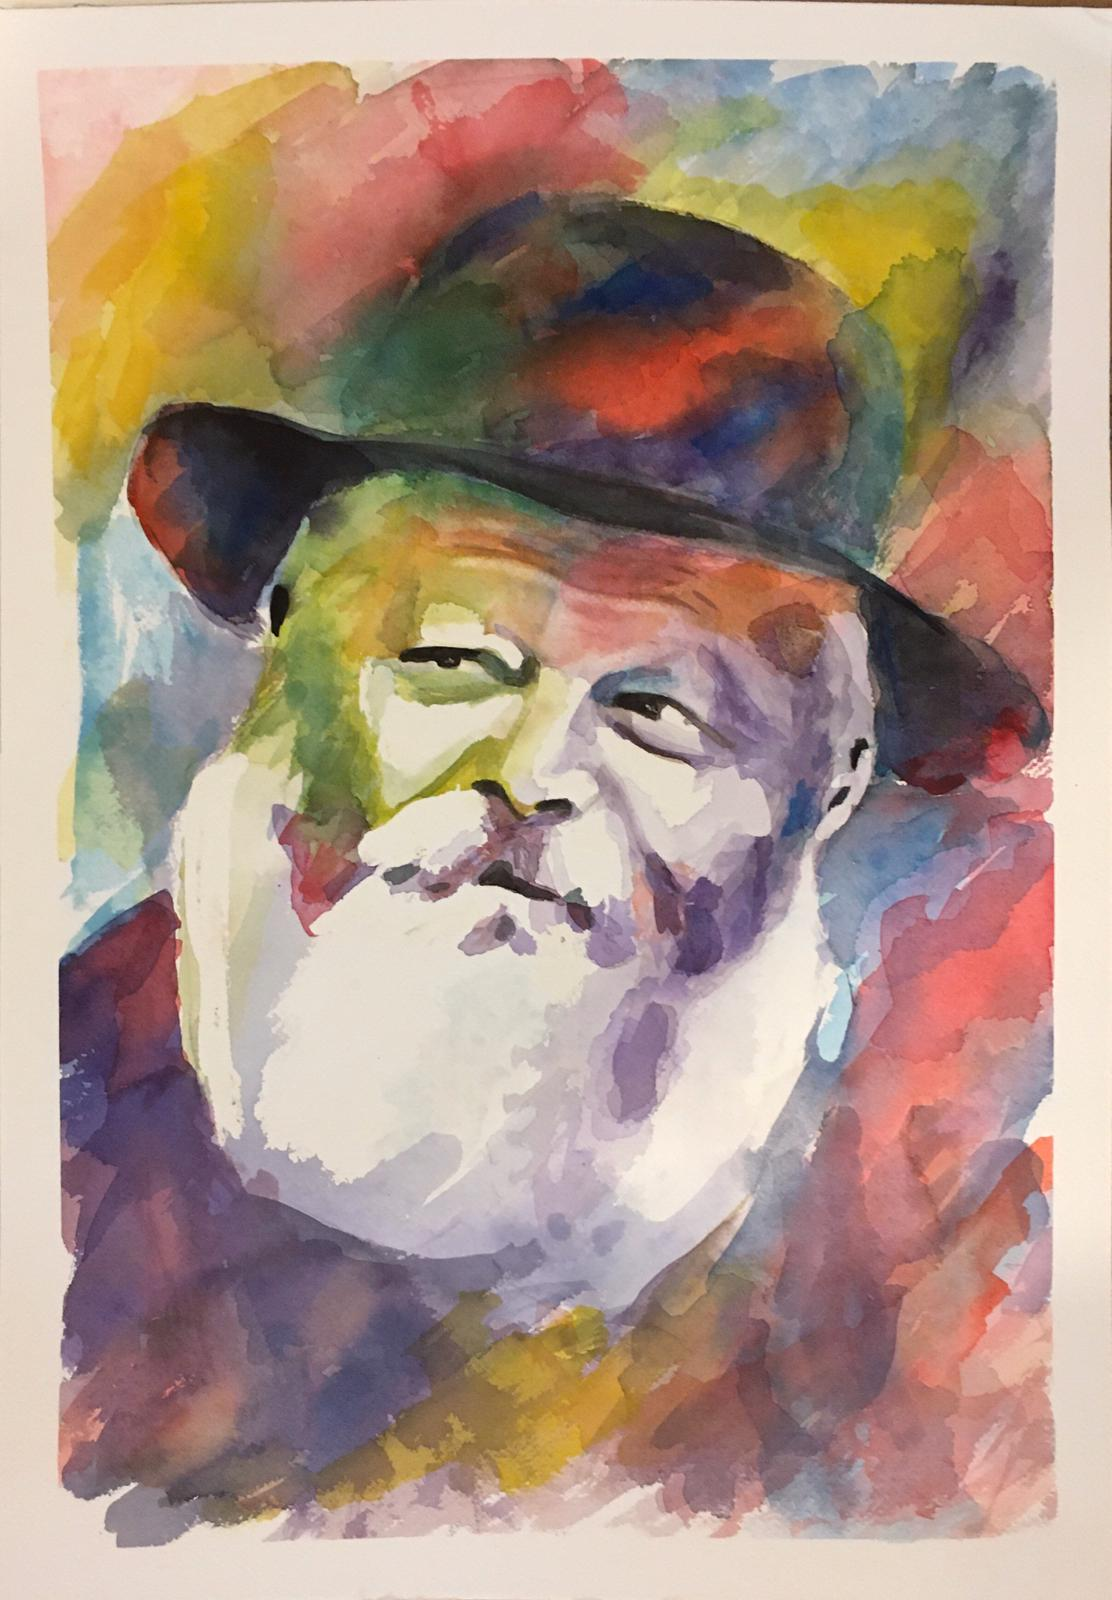 Le Rabbi aux couleurs de l'arc en ciel - 1 770 Shekels